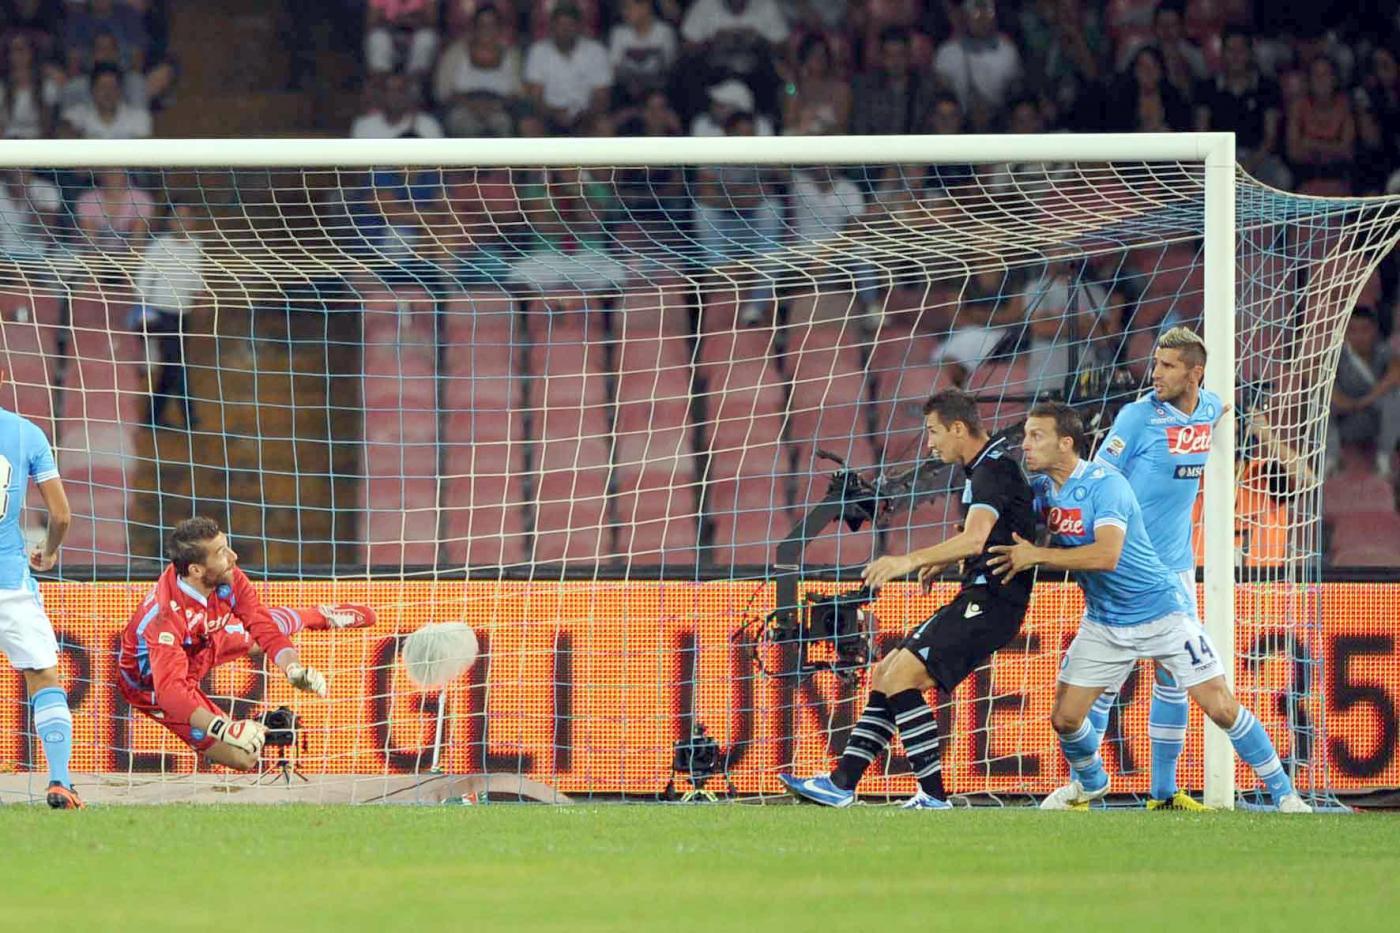 Il miglior gesto di Fair Play del 2012 è di Miroslav Klose